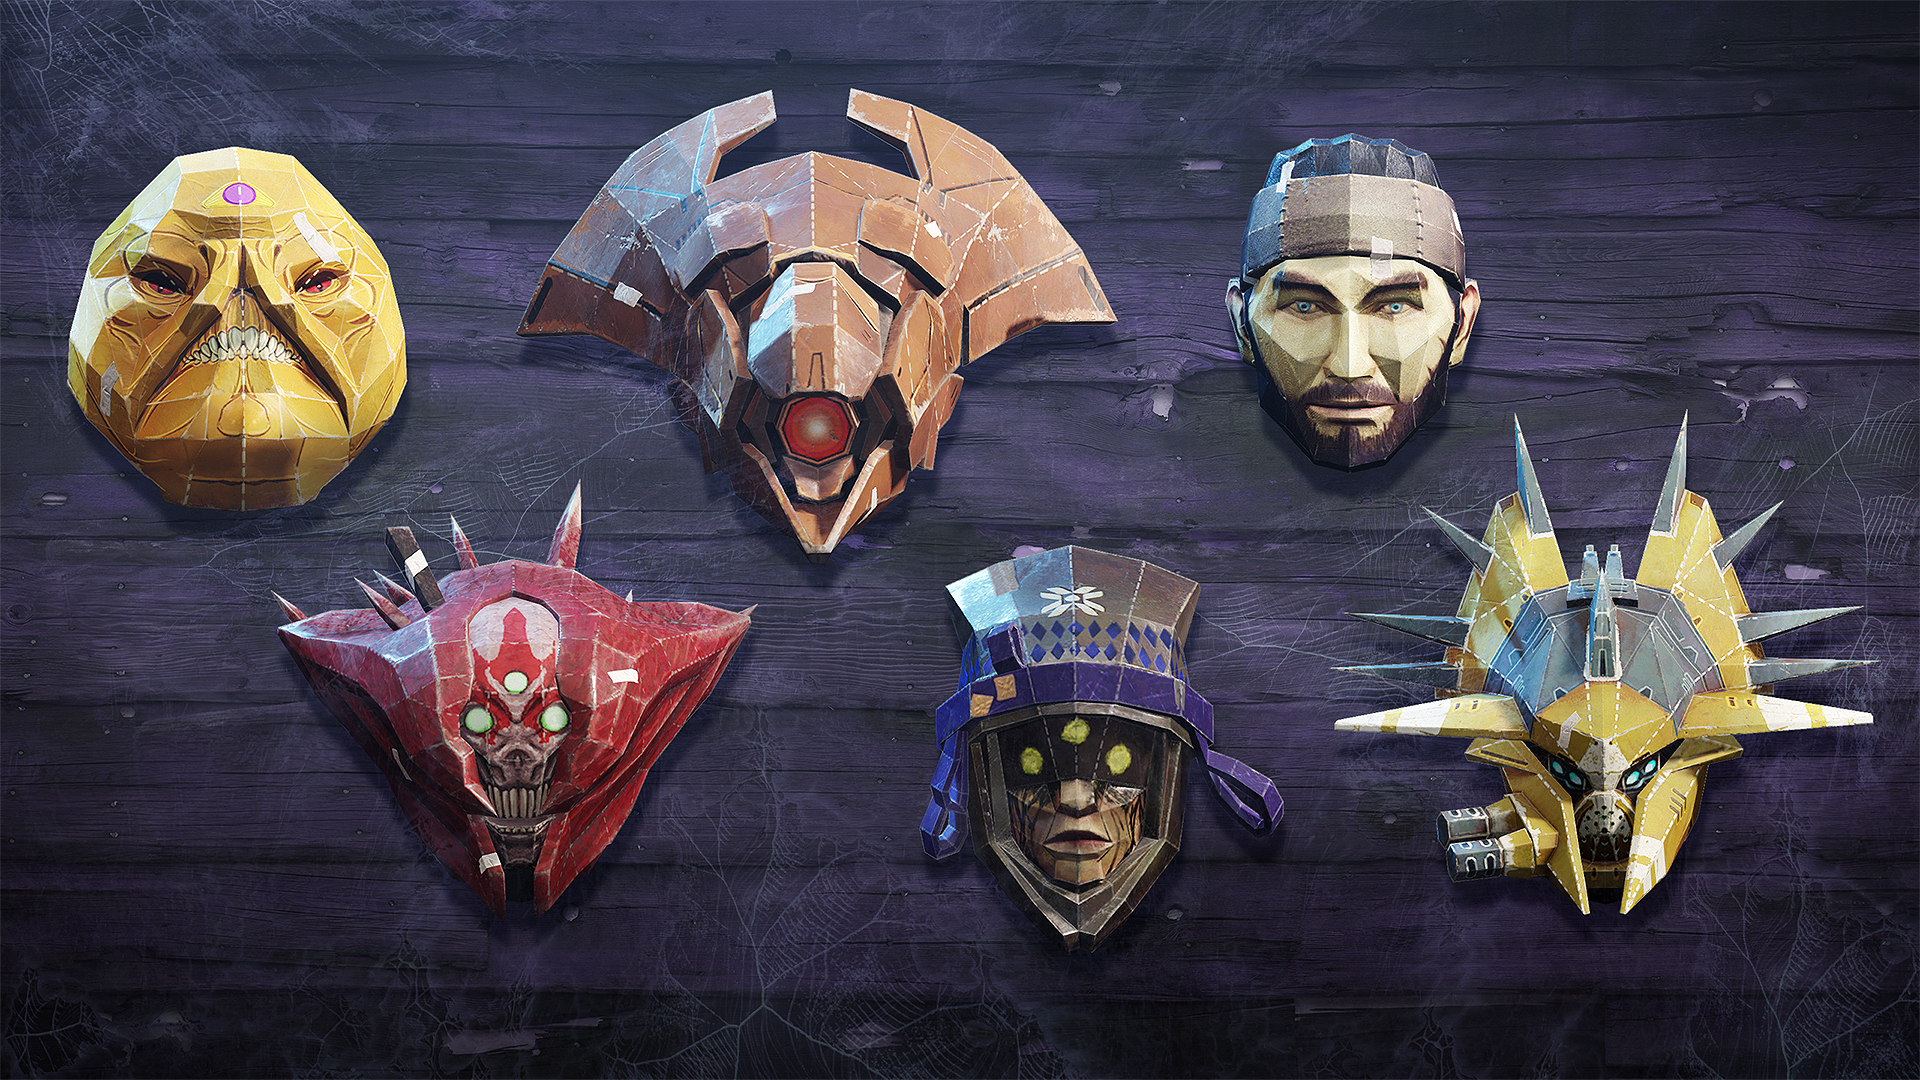 https://www.bungie.net/pubassets/pkgs/128/128951/FOTL_Masks.jpg?cv=3983621215&av=3804322993